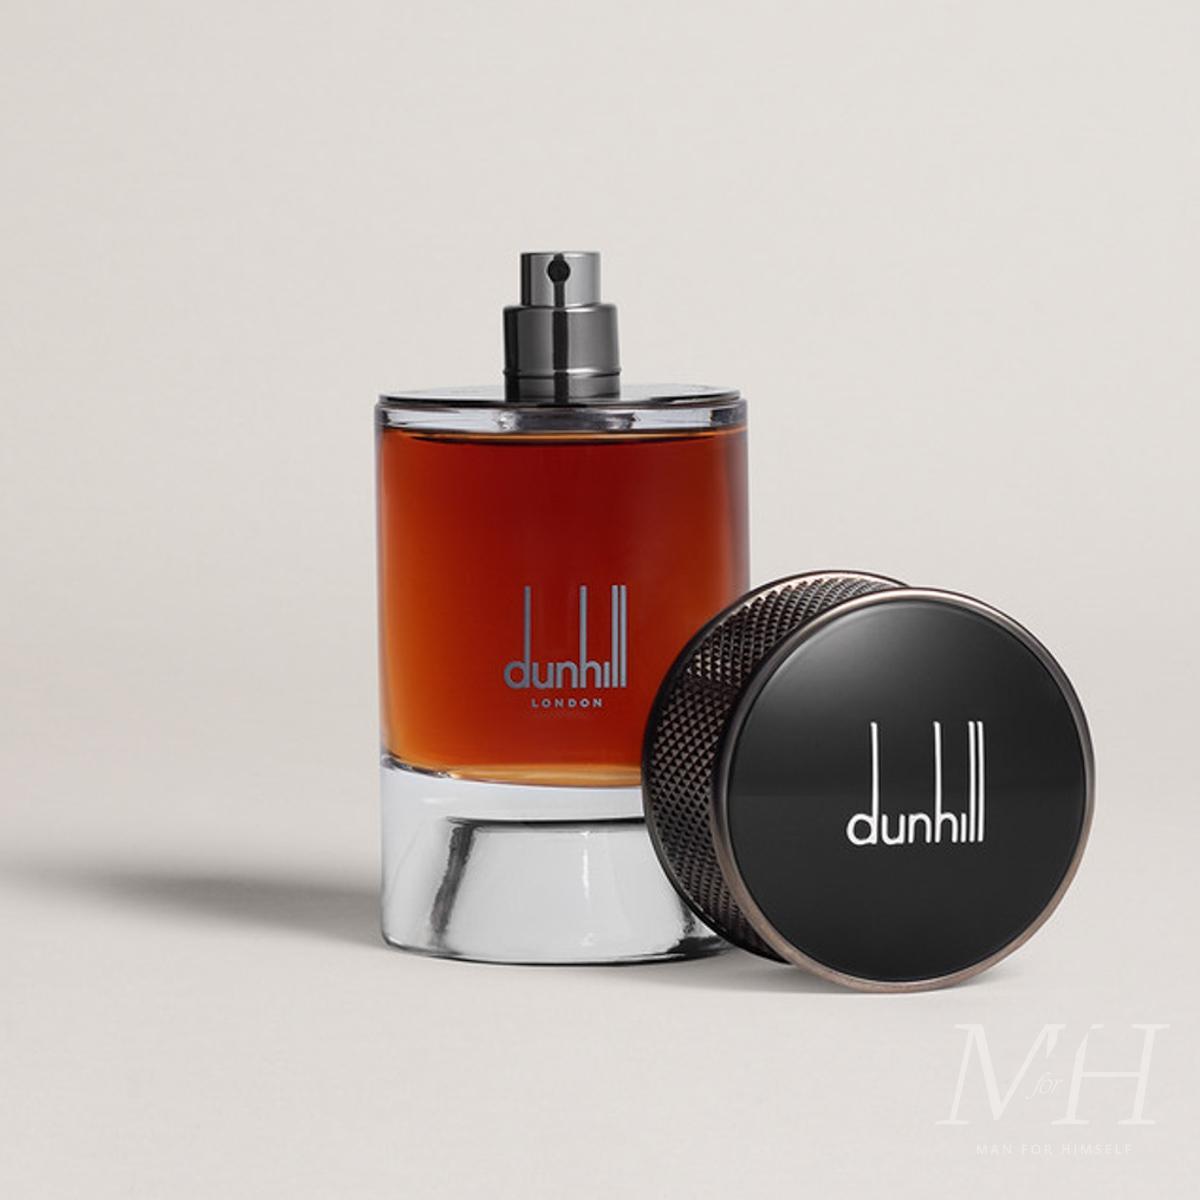 dunhill-arabian-desert-fragrance-man-for-himself